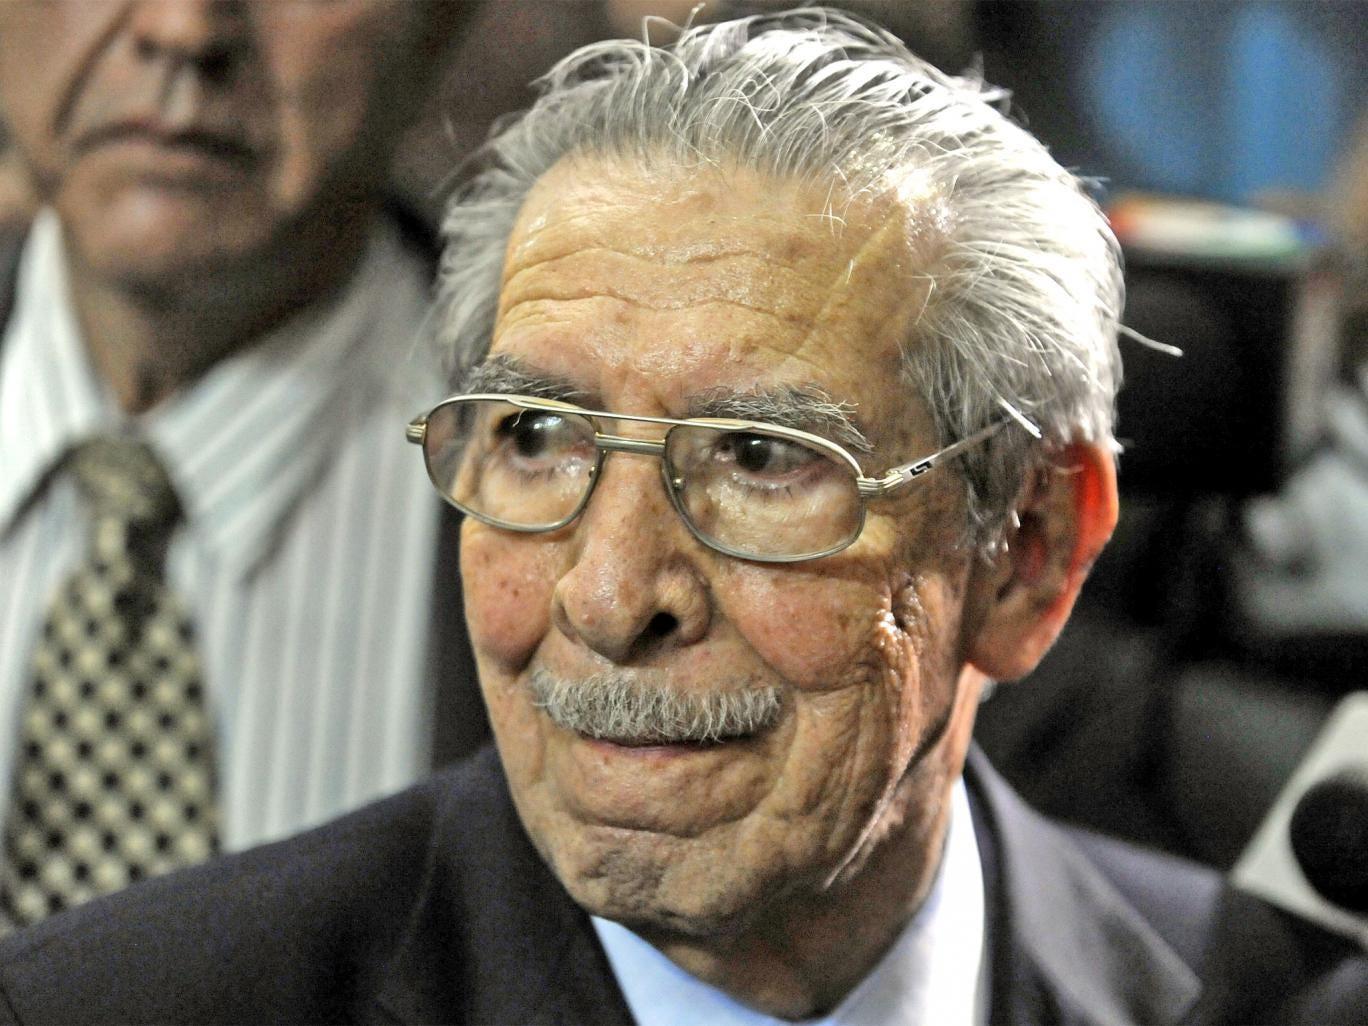 General Efrain Rios Montt listens in court yesterday